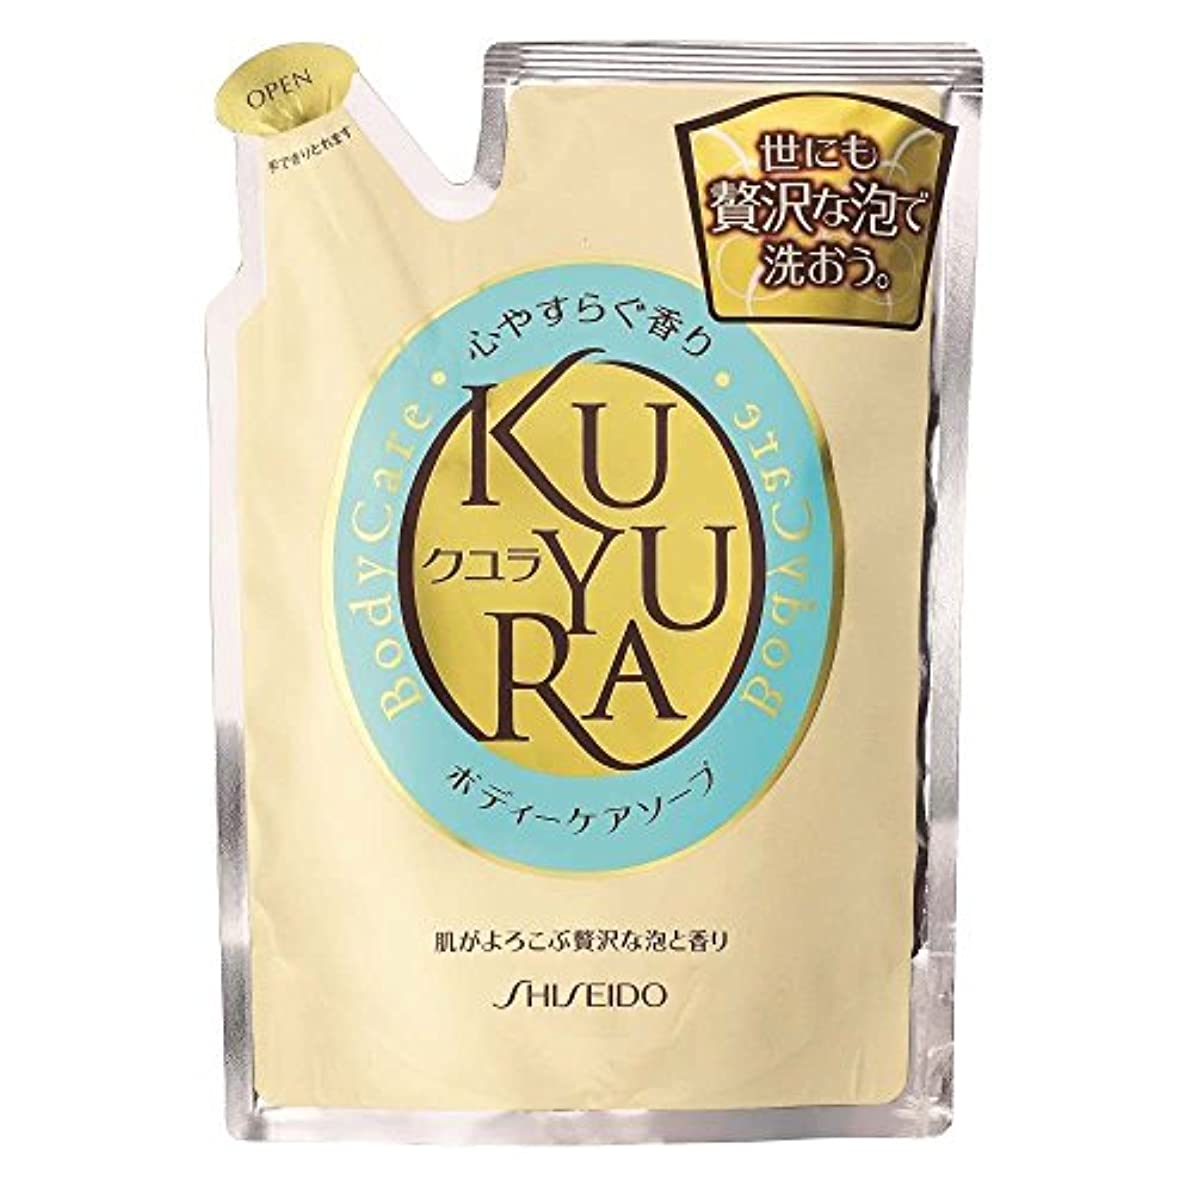 人気計画適切なクユラ ボディケアソープ 心やすらぐ香り つめかえ用400ml